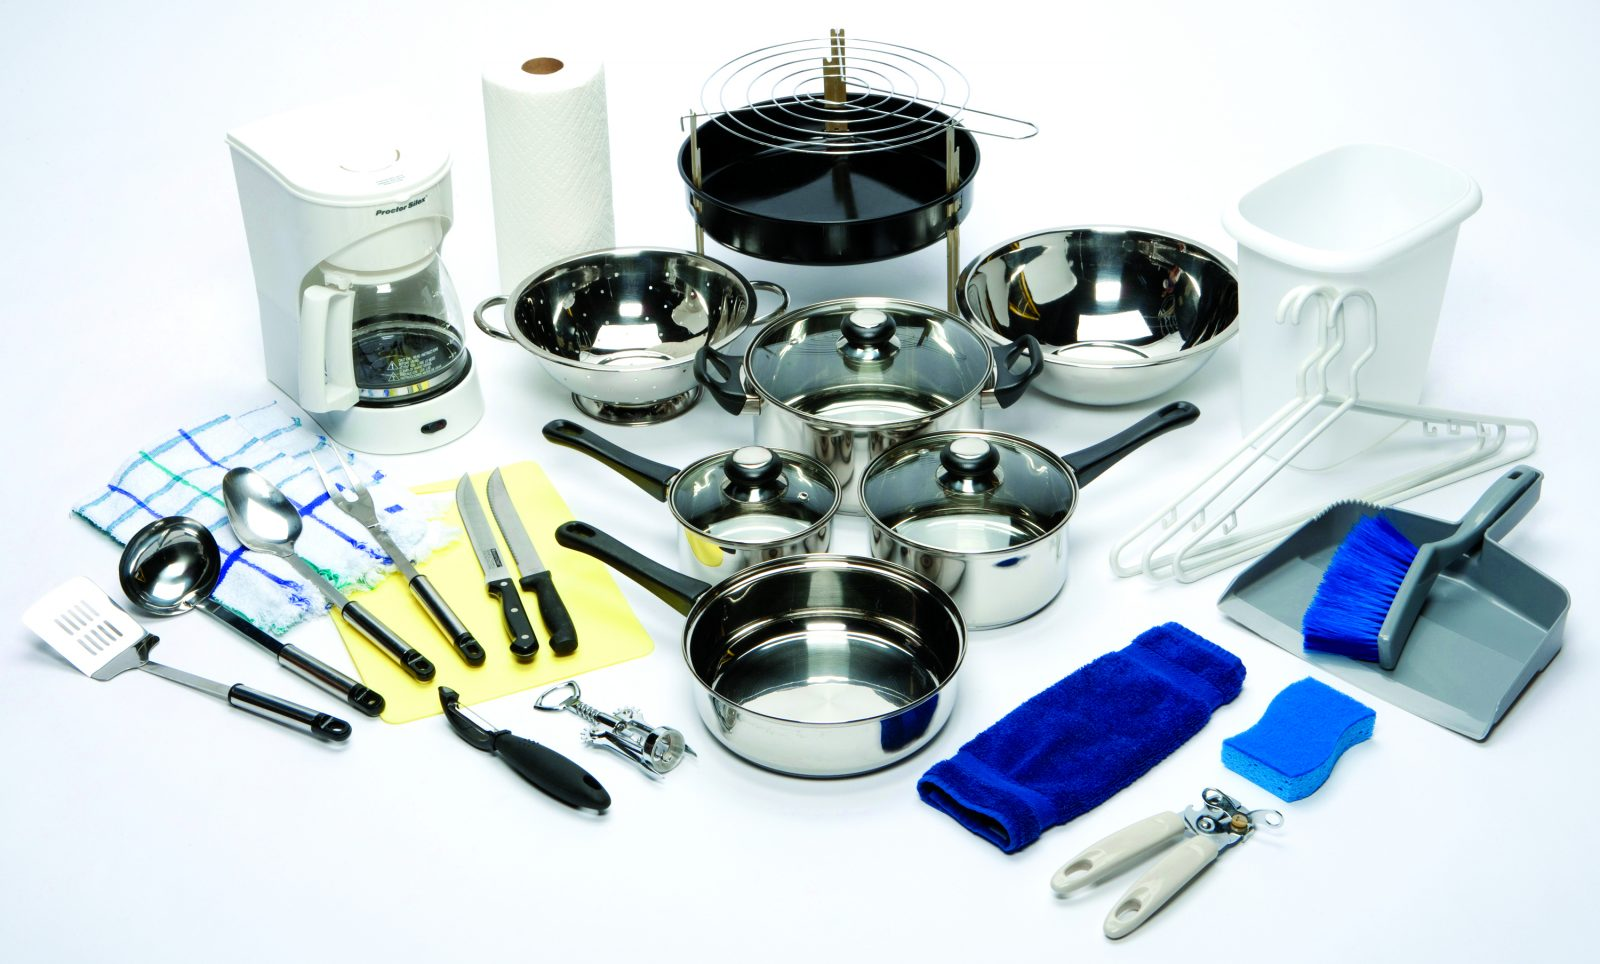 Selecci n de utensilios de cocina im genes y fotos for Utensilios cocina